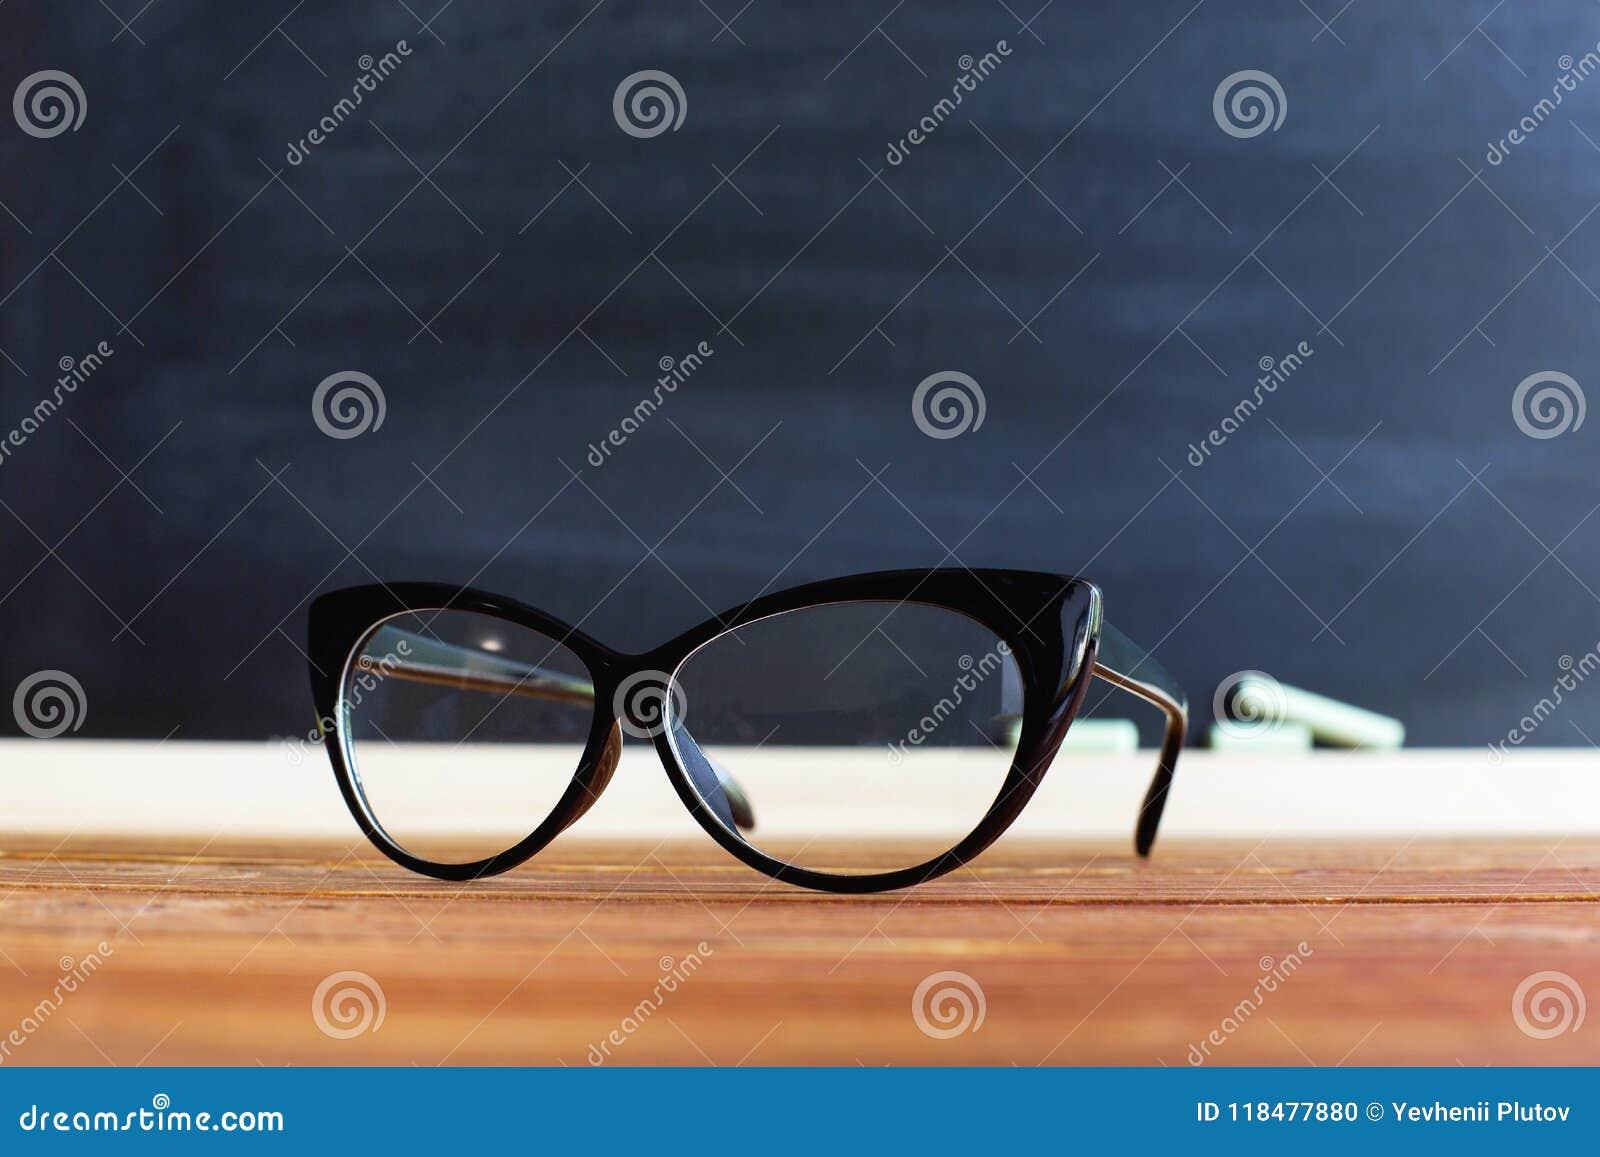 Insegnante di vetro su una tavola, contro un fondo della lavagna con gesso Concetto per il giorno degli insegnanti Copi lo spazio